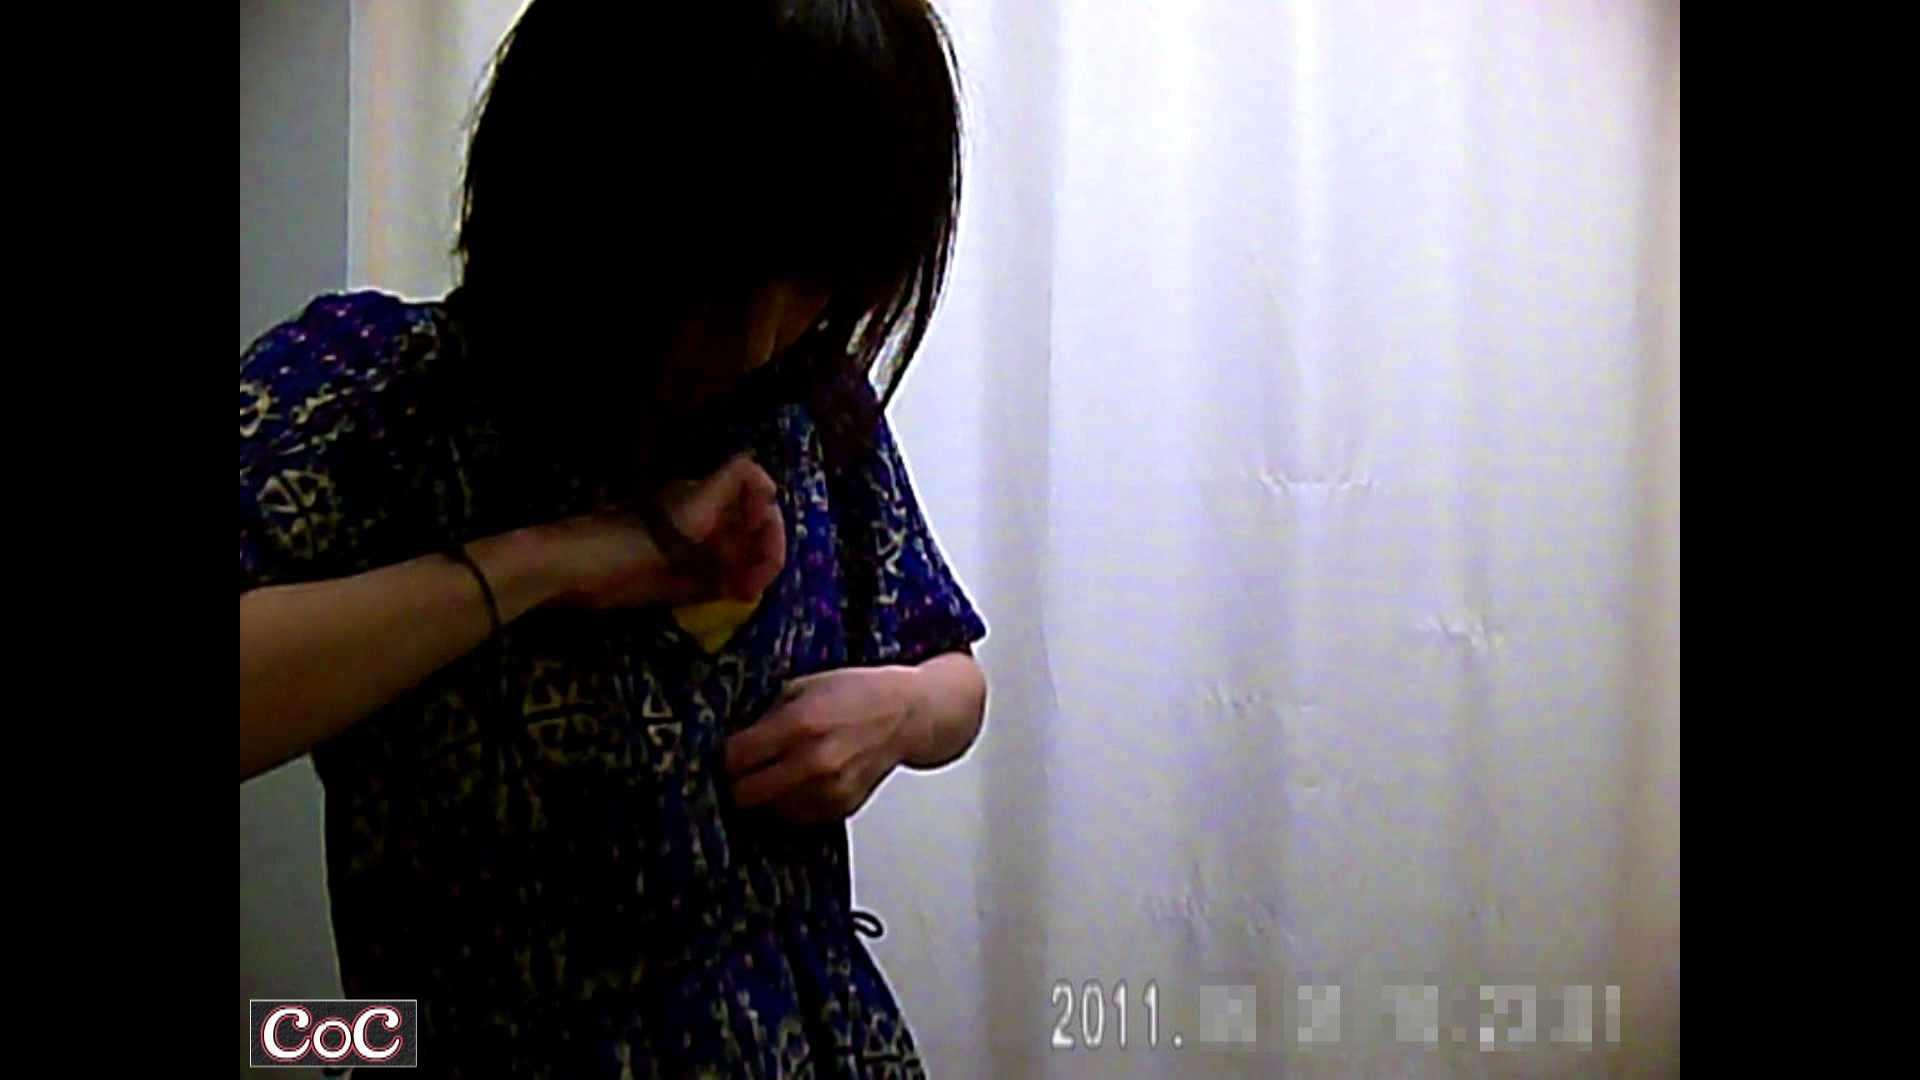 病院おもいっきり着替え! vol.02 巨乳 オマンコ動画キャプチャ 103pic 68